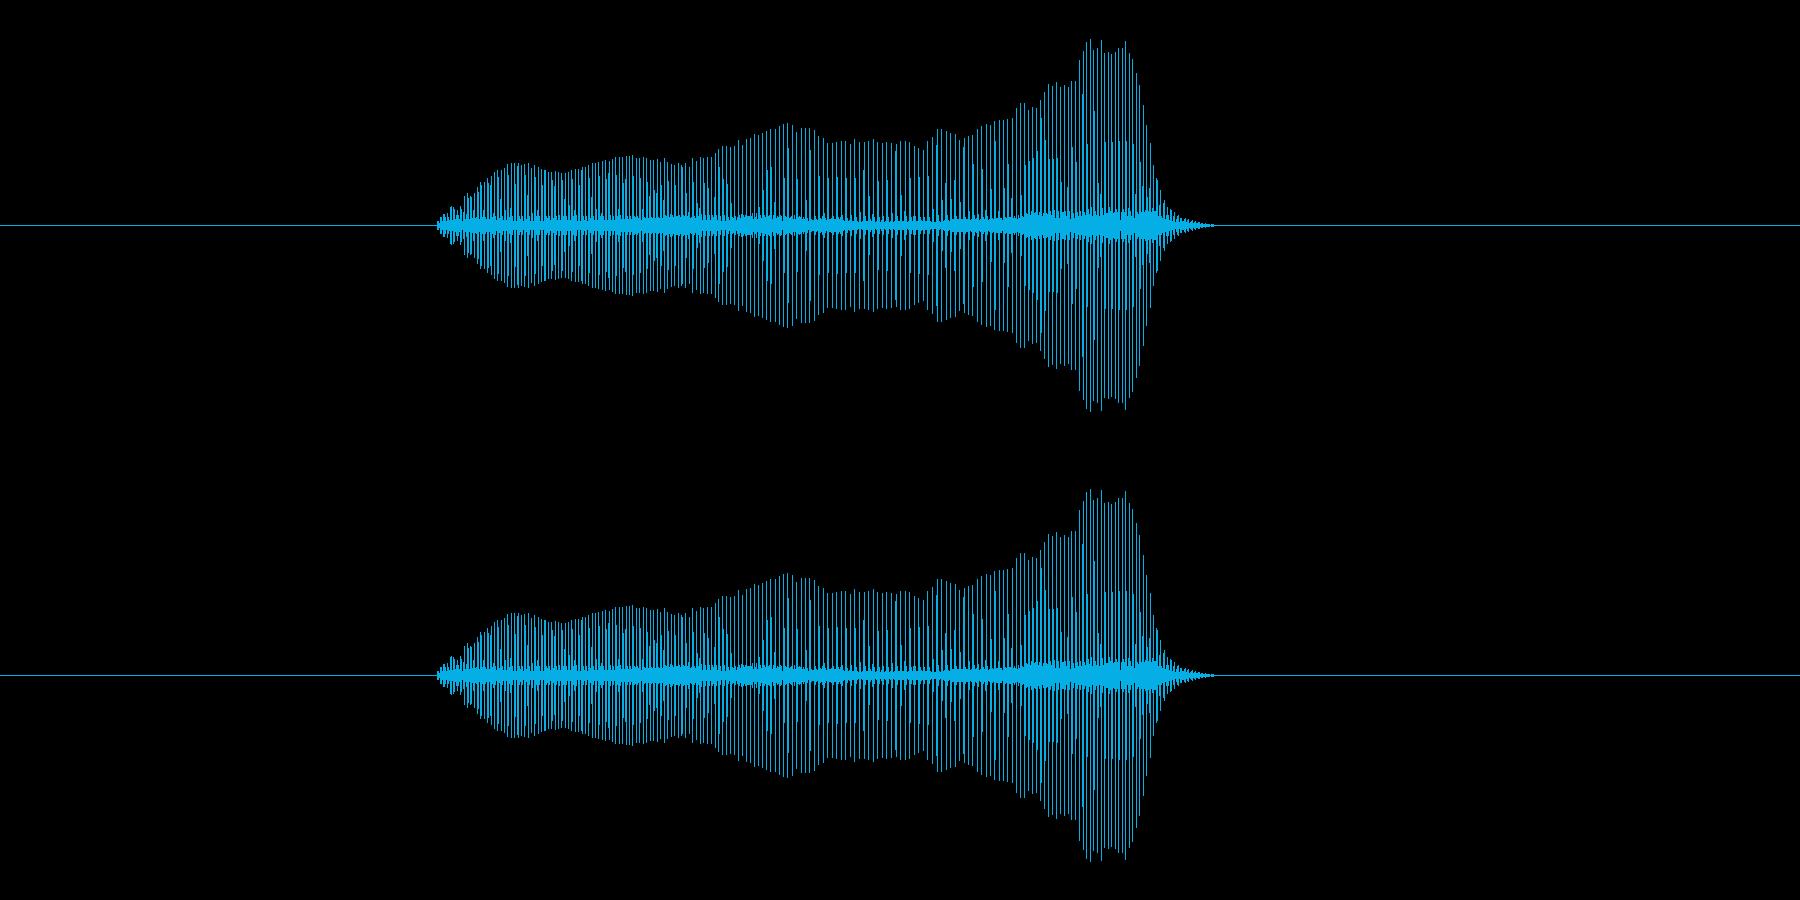 トロンボーンあるあるフレーズBPM300の再生済みの波形